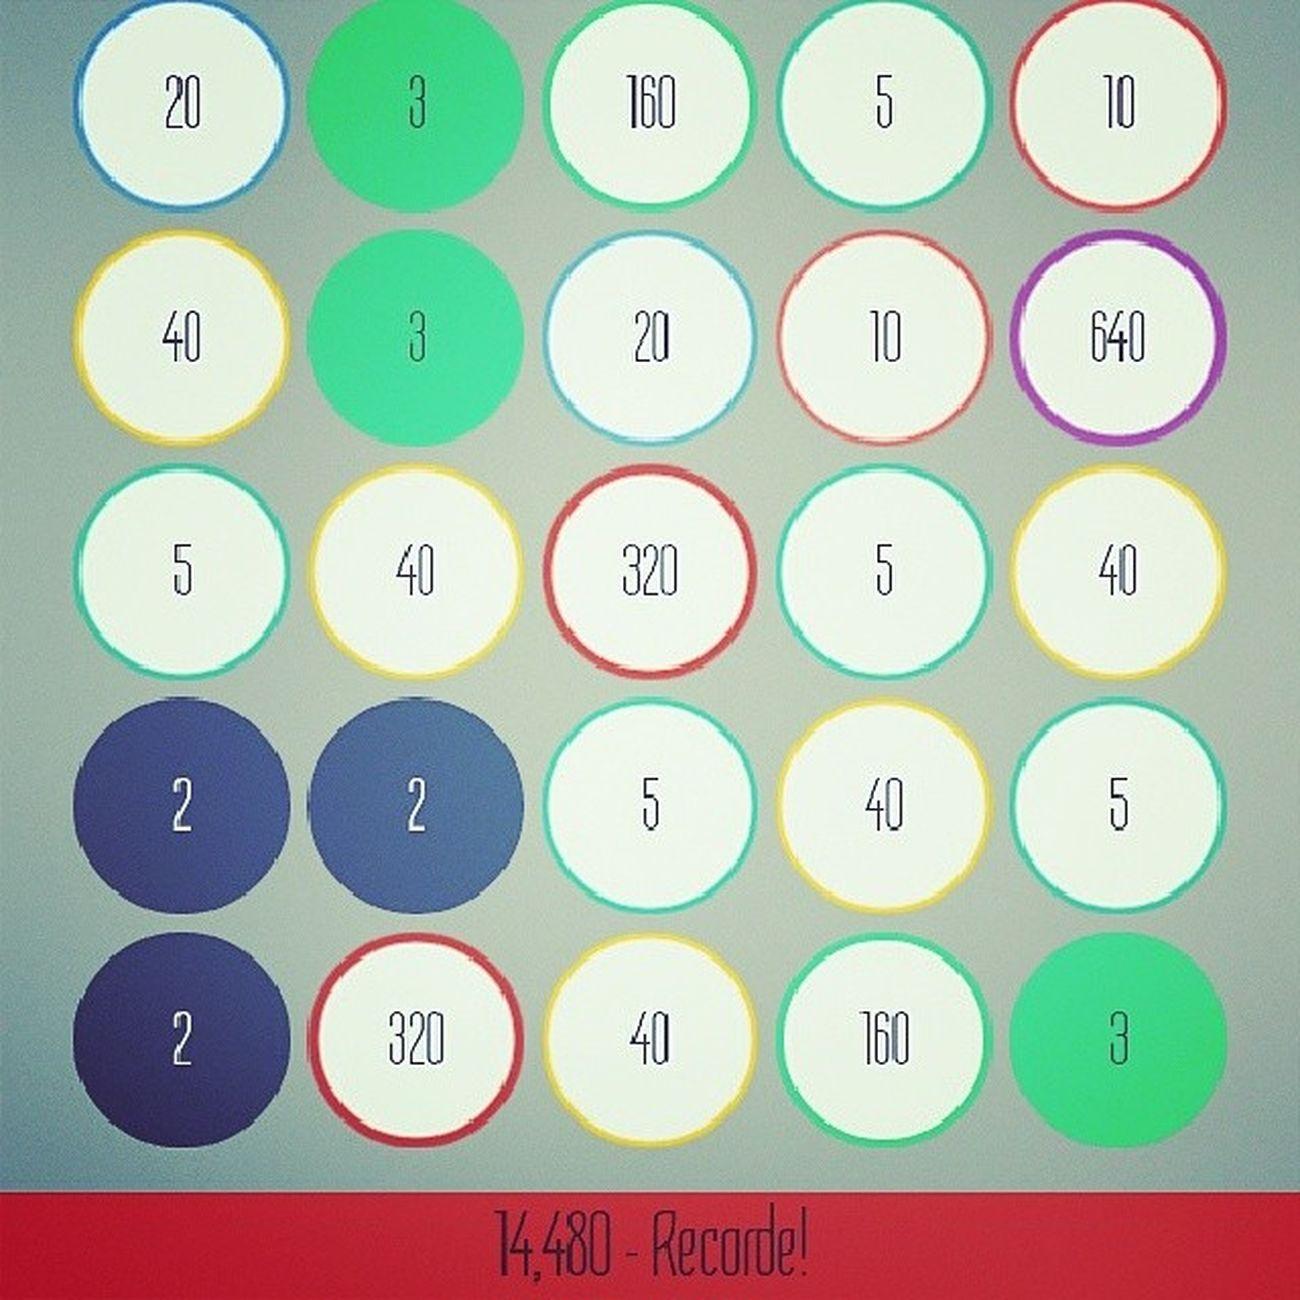 Fives Android superem me se forem capazes HUAHUAHUA RisadaMalefica https://play.google.com/store/apps/details?id=com.rcg.fives